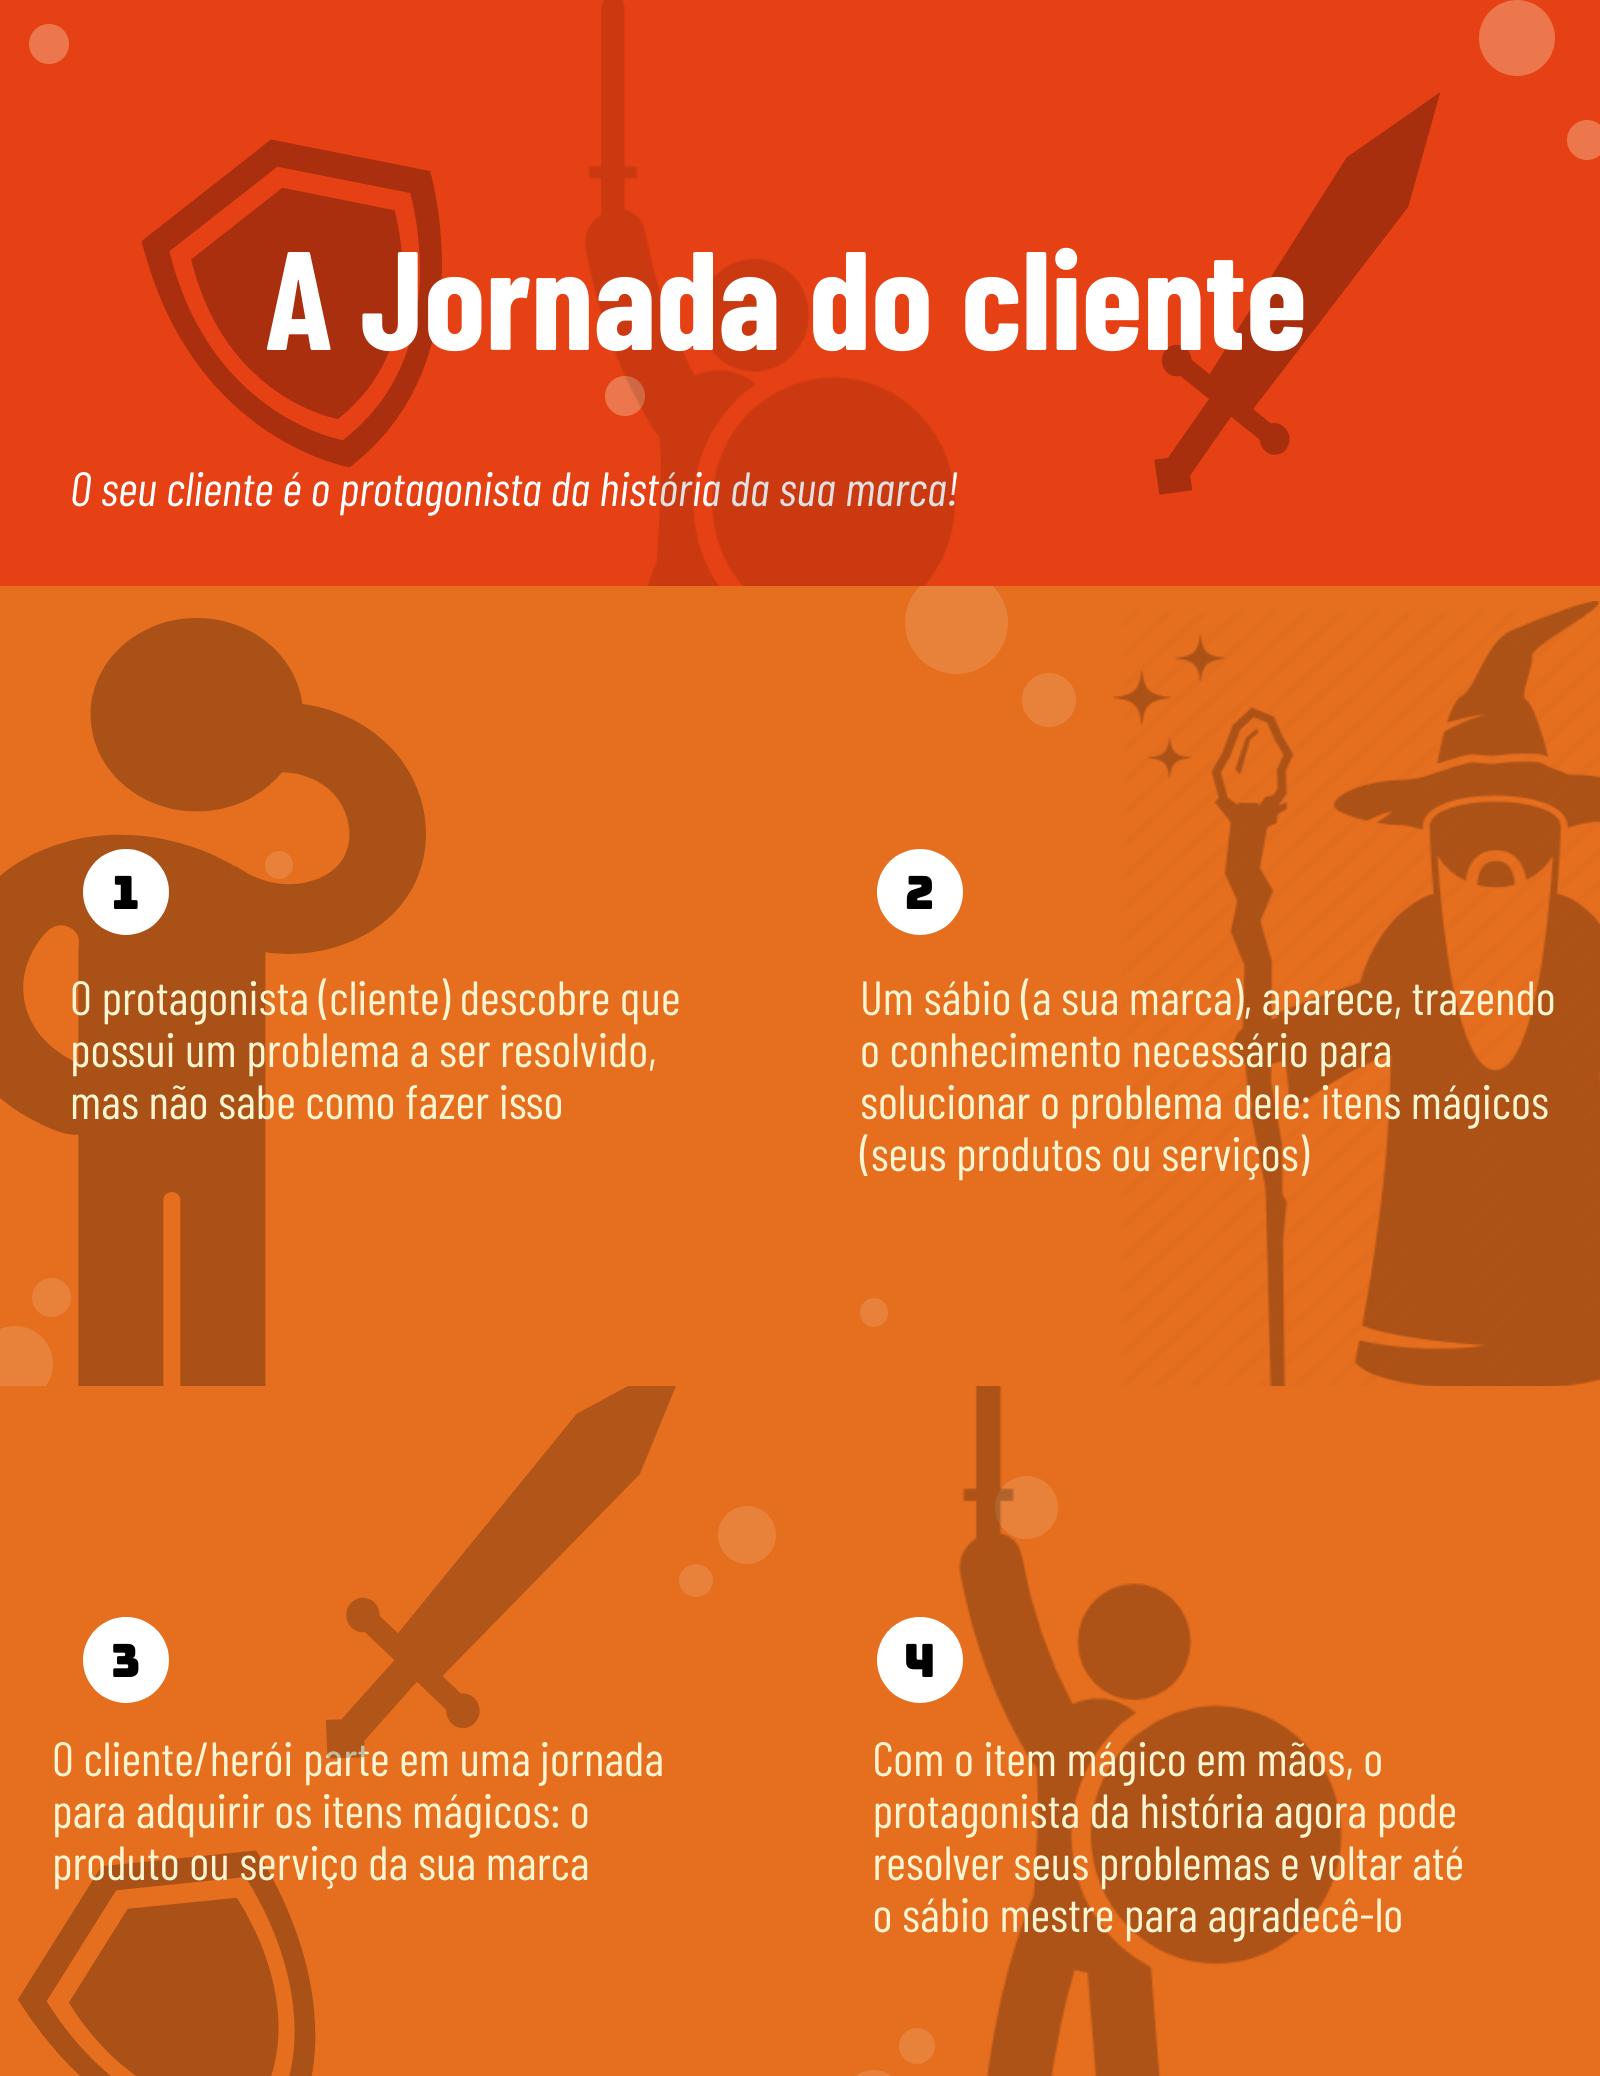 A imagem apresenta um infográfico que comparada a jornada do cliente com a jornada do herói, de Joseph Campbell.